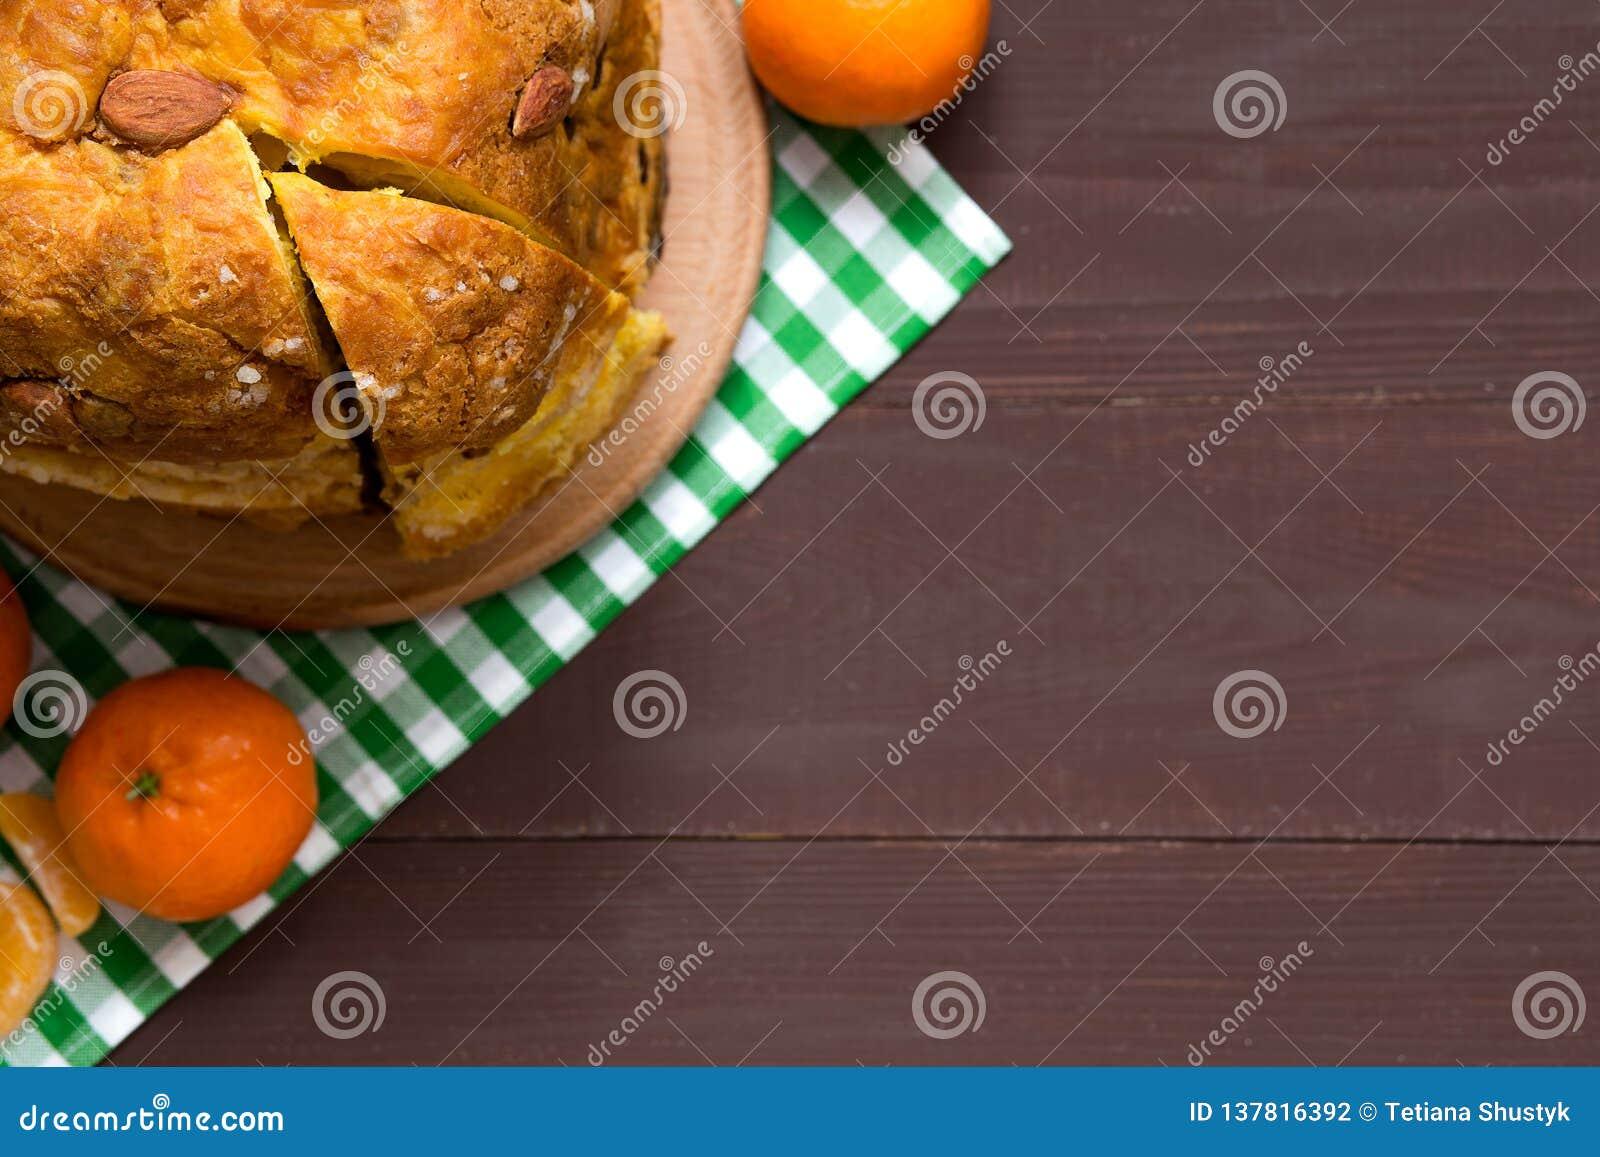 Итальянский традиционный кулич рождества с высушенными плодами и оранжевый пыл на деревянной предпосылке